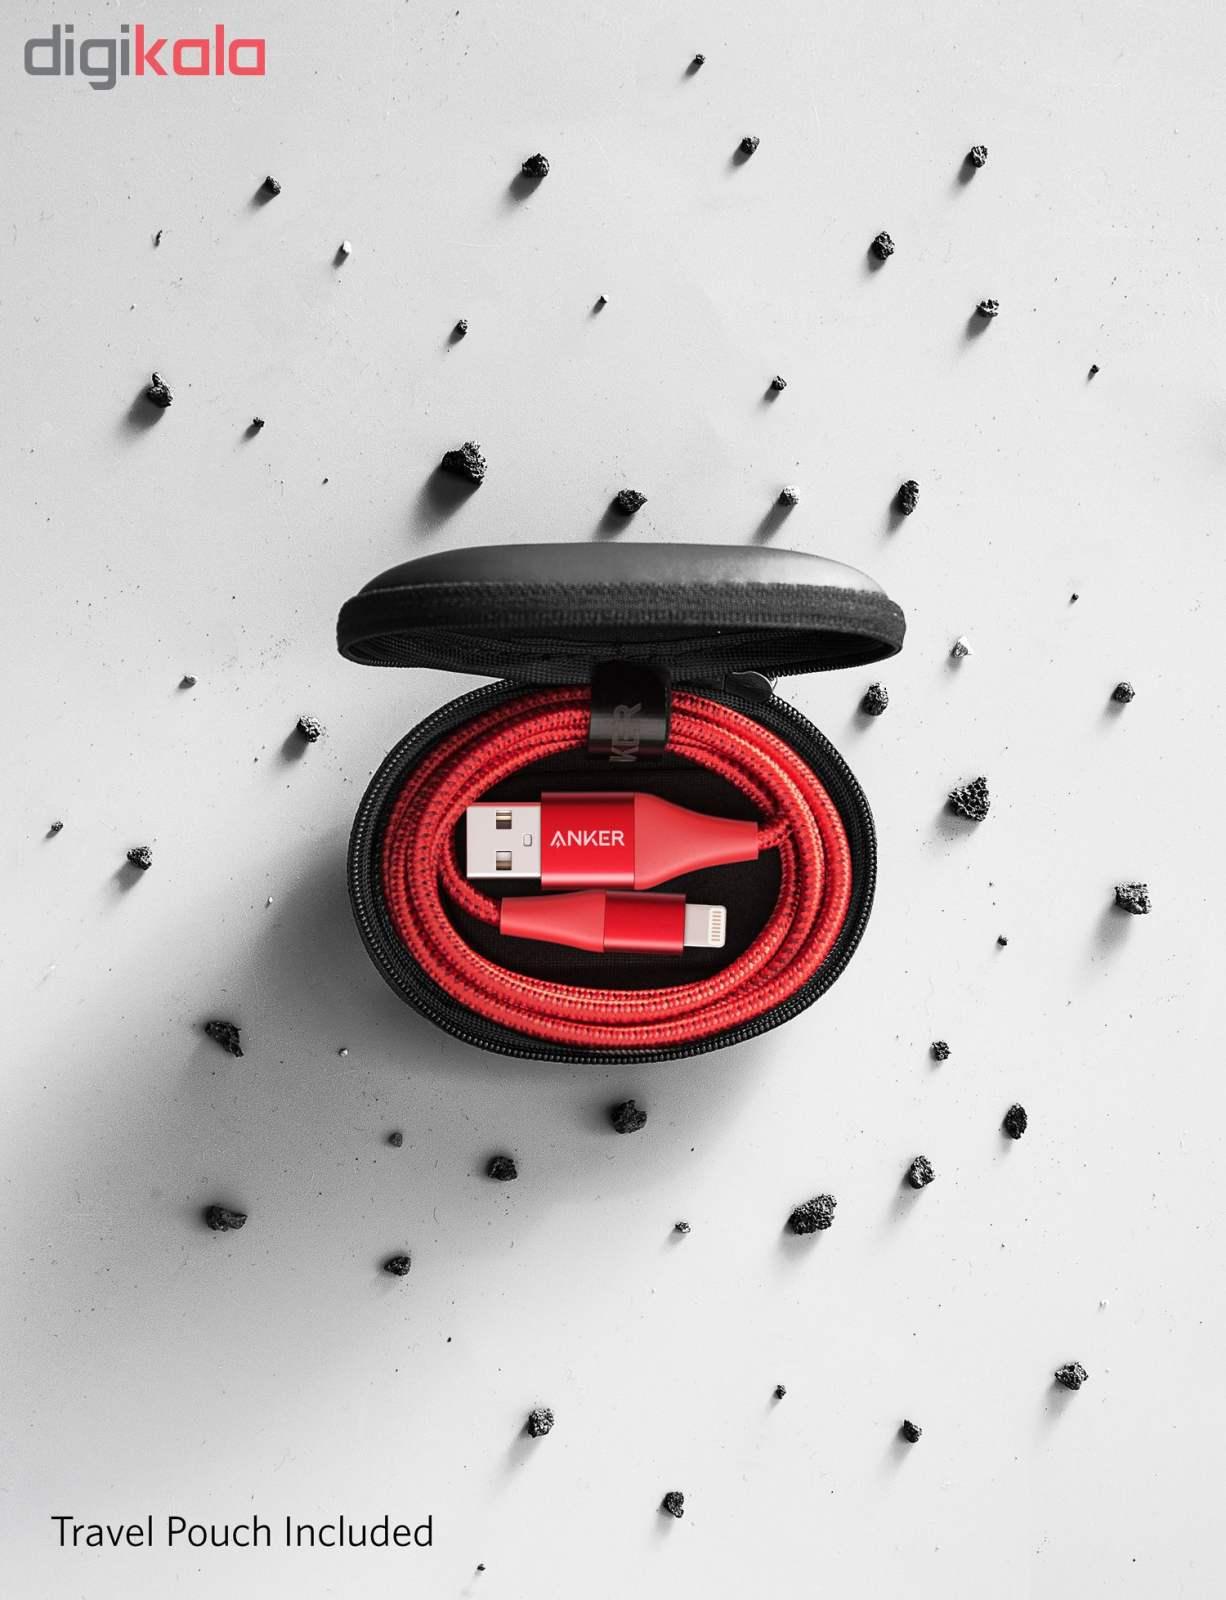 کابل تبدیل USB به لایتنینگ انکر مدل A8452 PowerLine II Plus طول 0.9 متر main 1 5